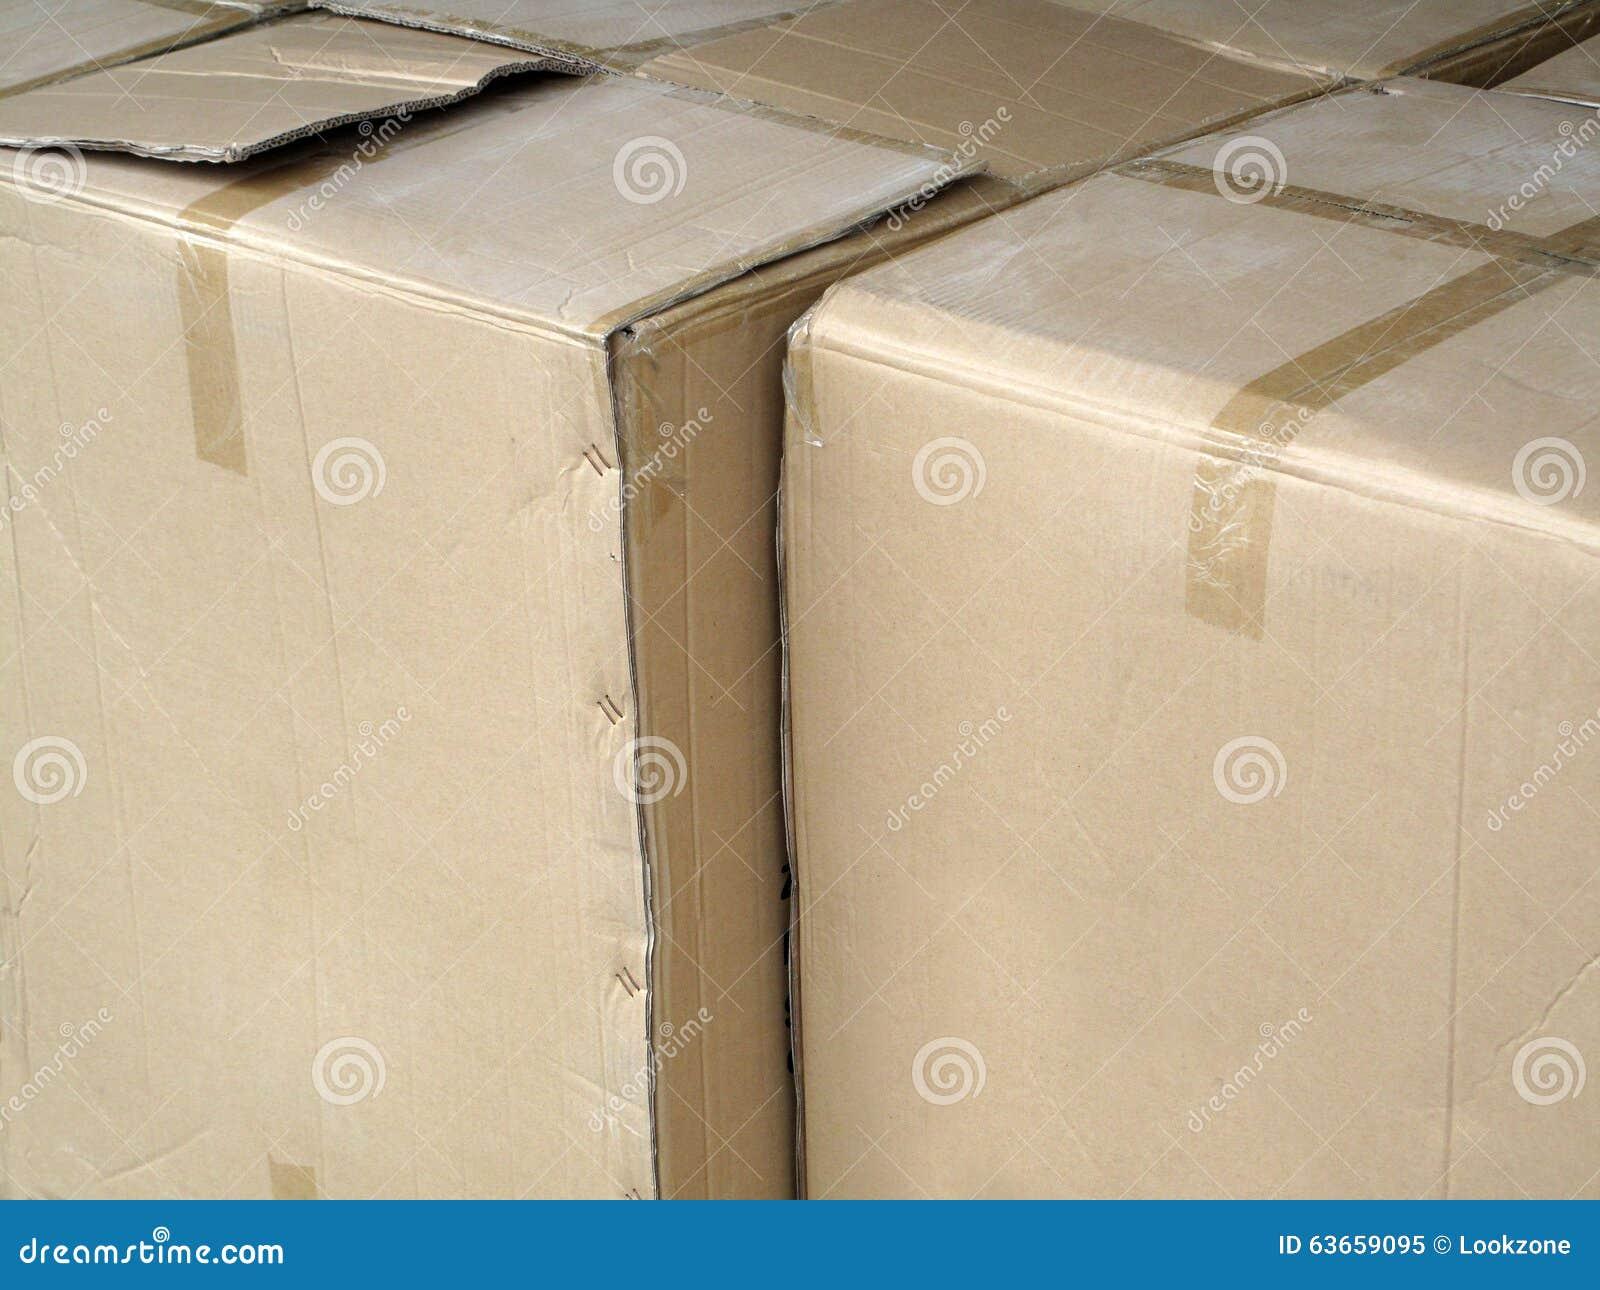 Caixas de armazenamento do cartão